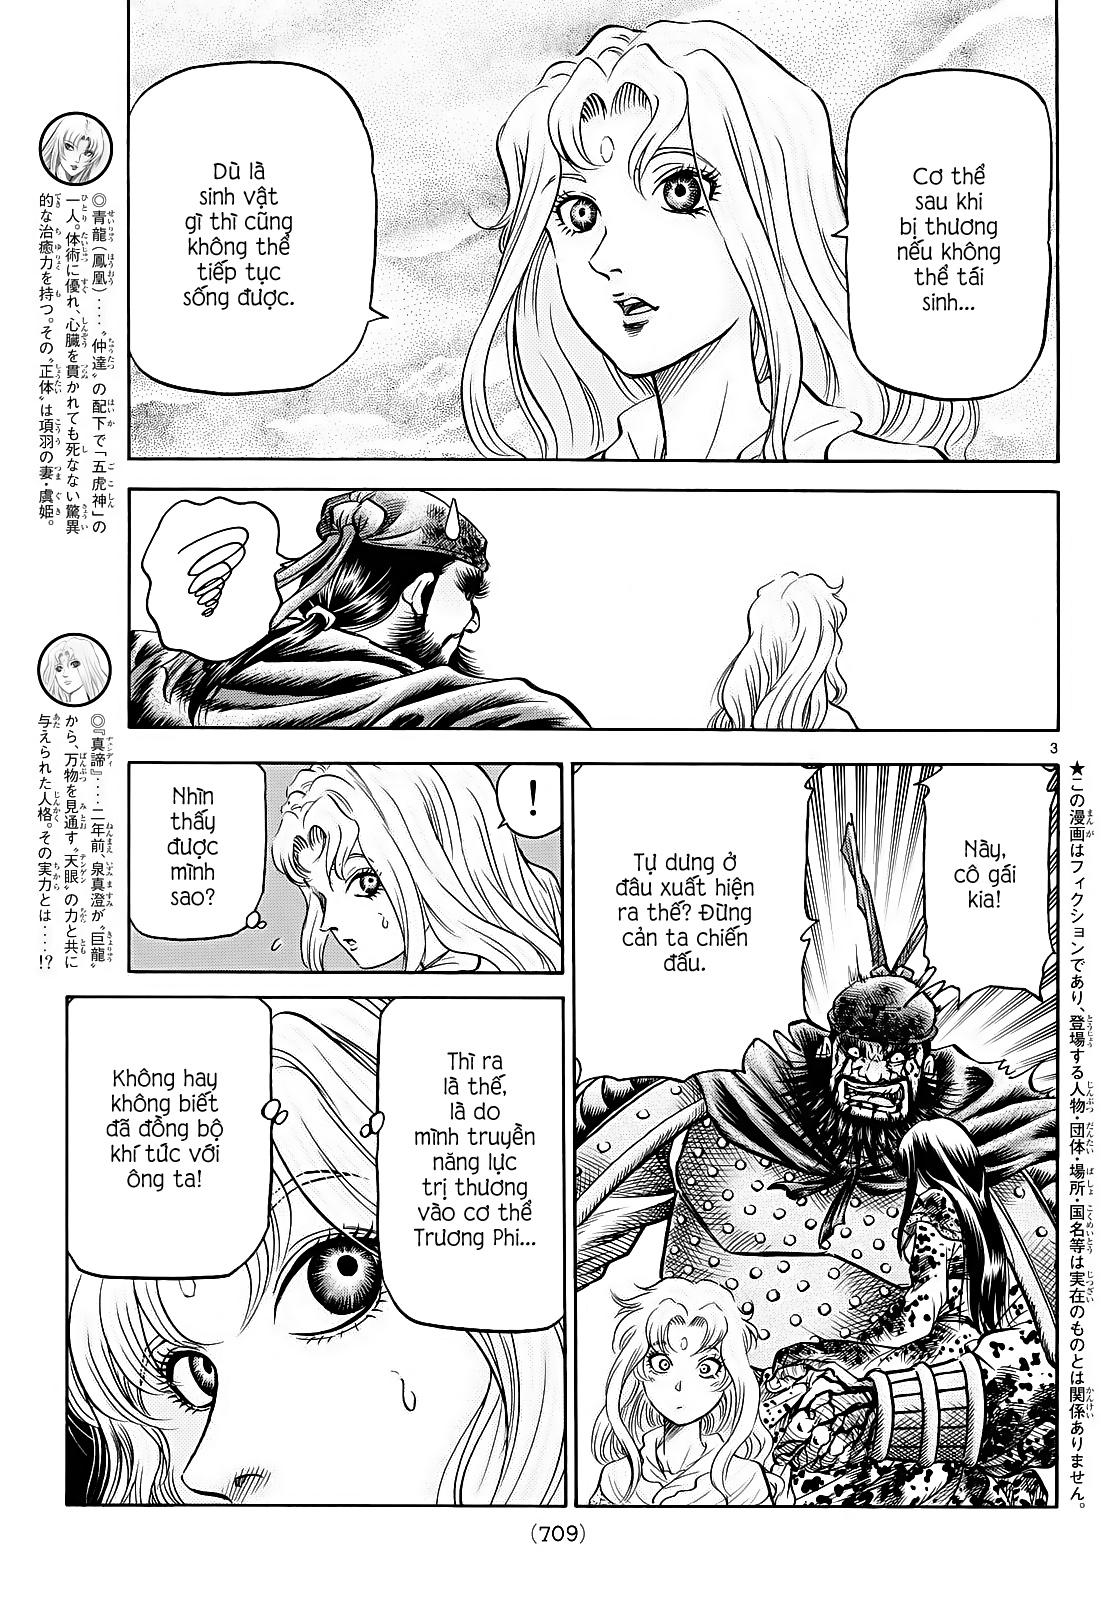 Chú Bé Rồng - Ryuuroden chap 262 - Trang 3